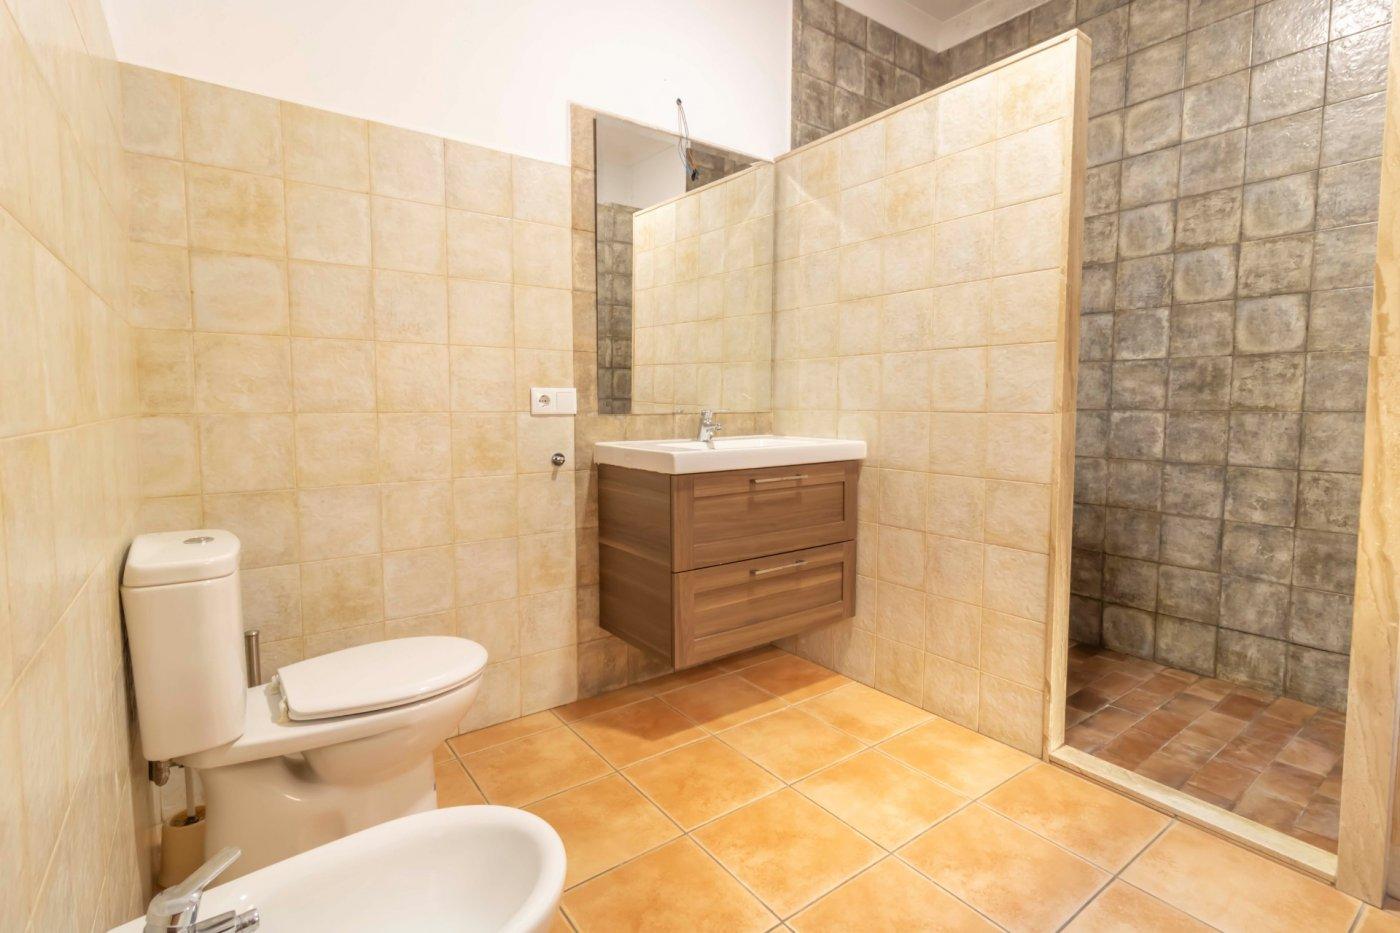 Casa de reciente construccion a la venta en carmona - imagenInmueble24